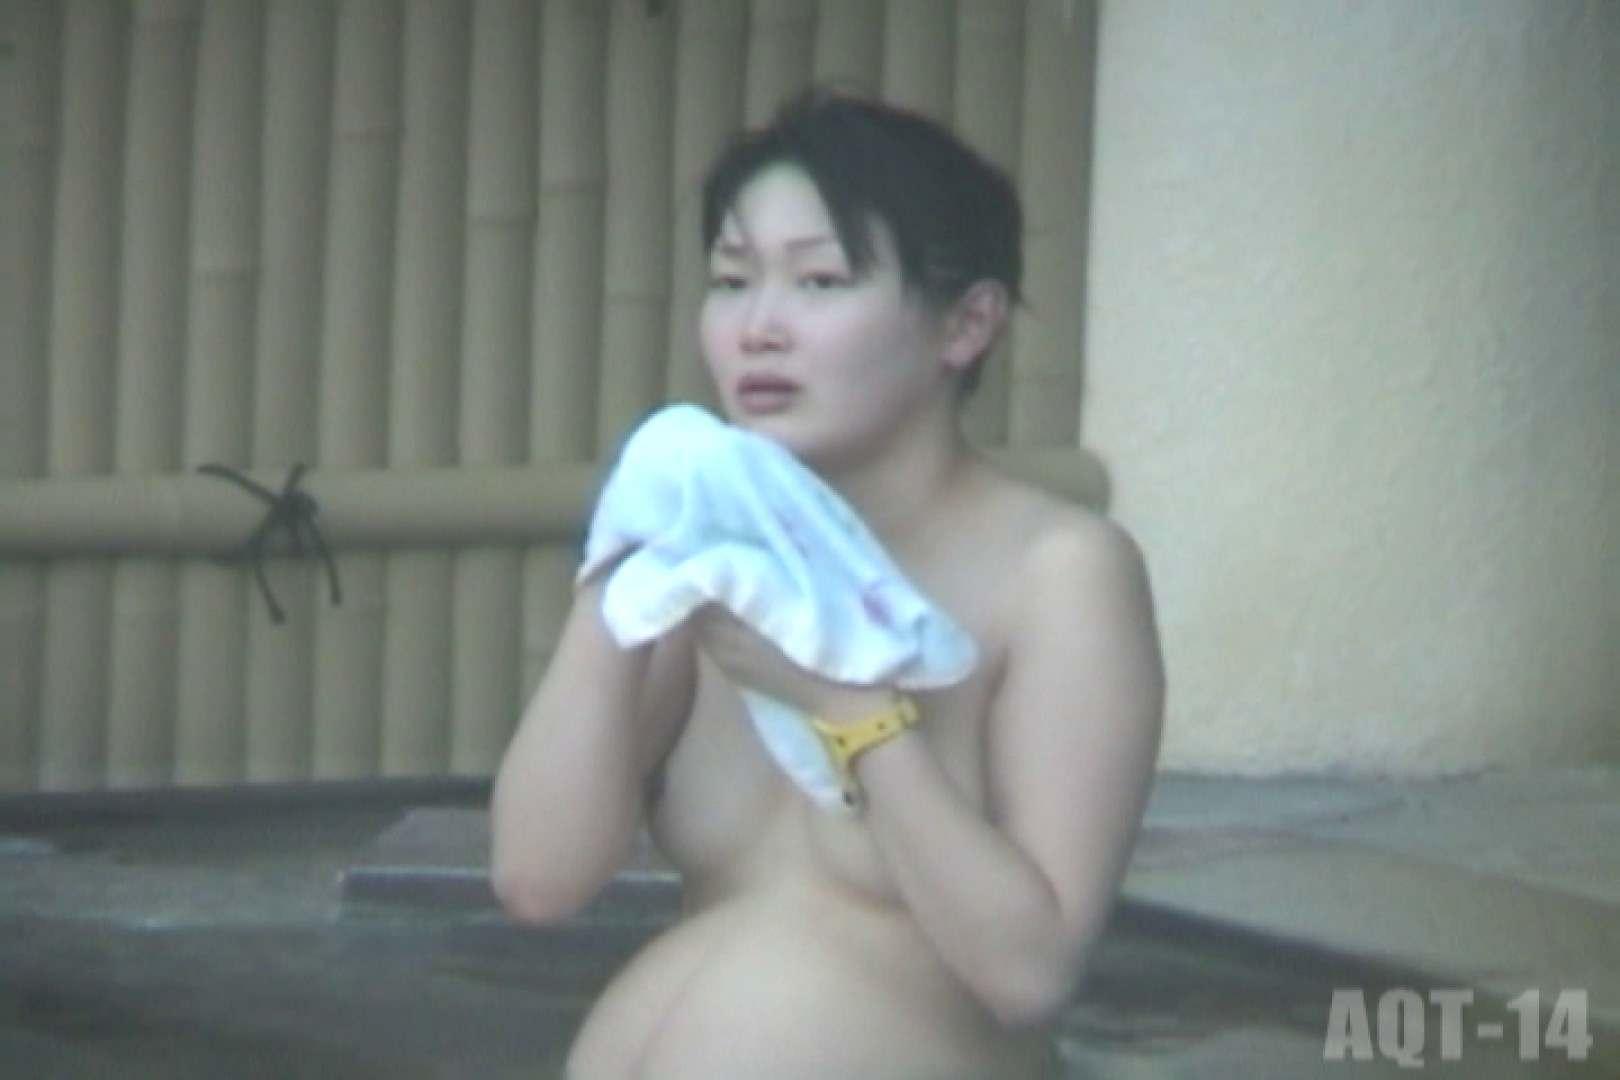 Aquaな露天風呂Vol.824 美しいOLの裸体 | 盗撮師作品  90pic 43